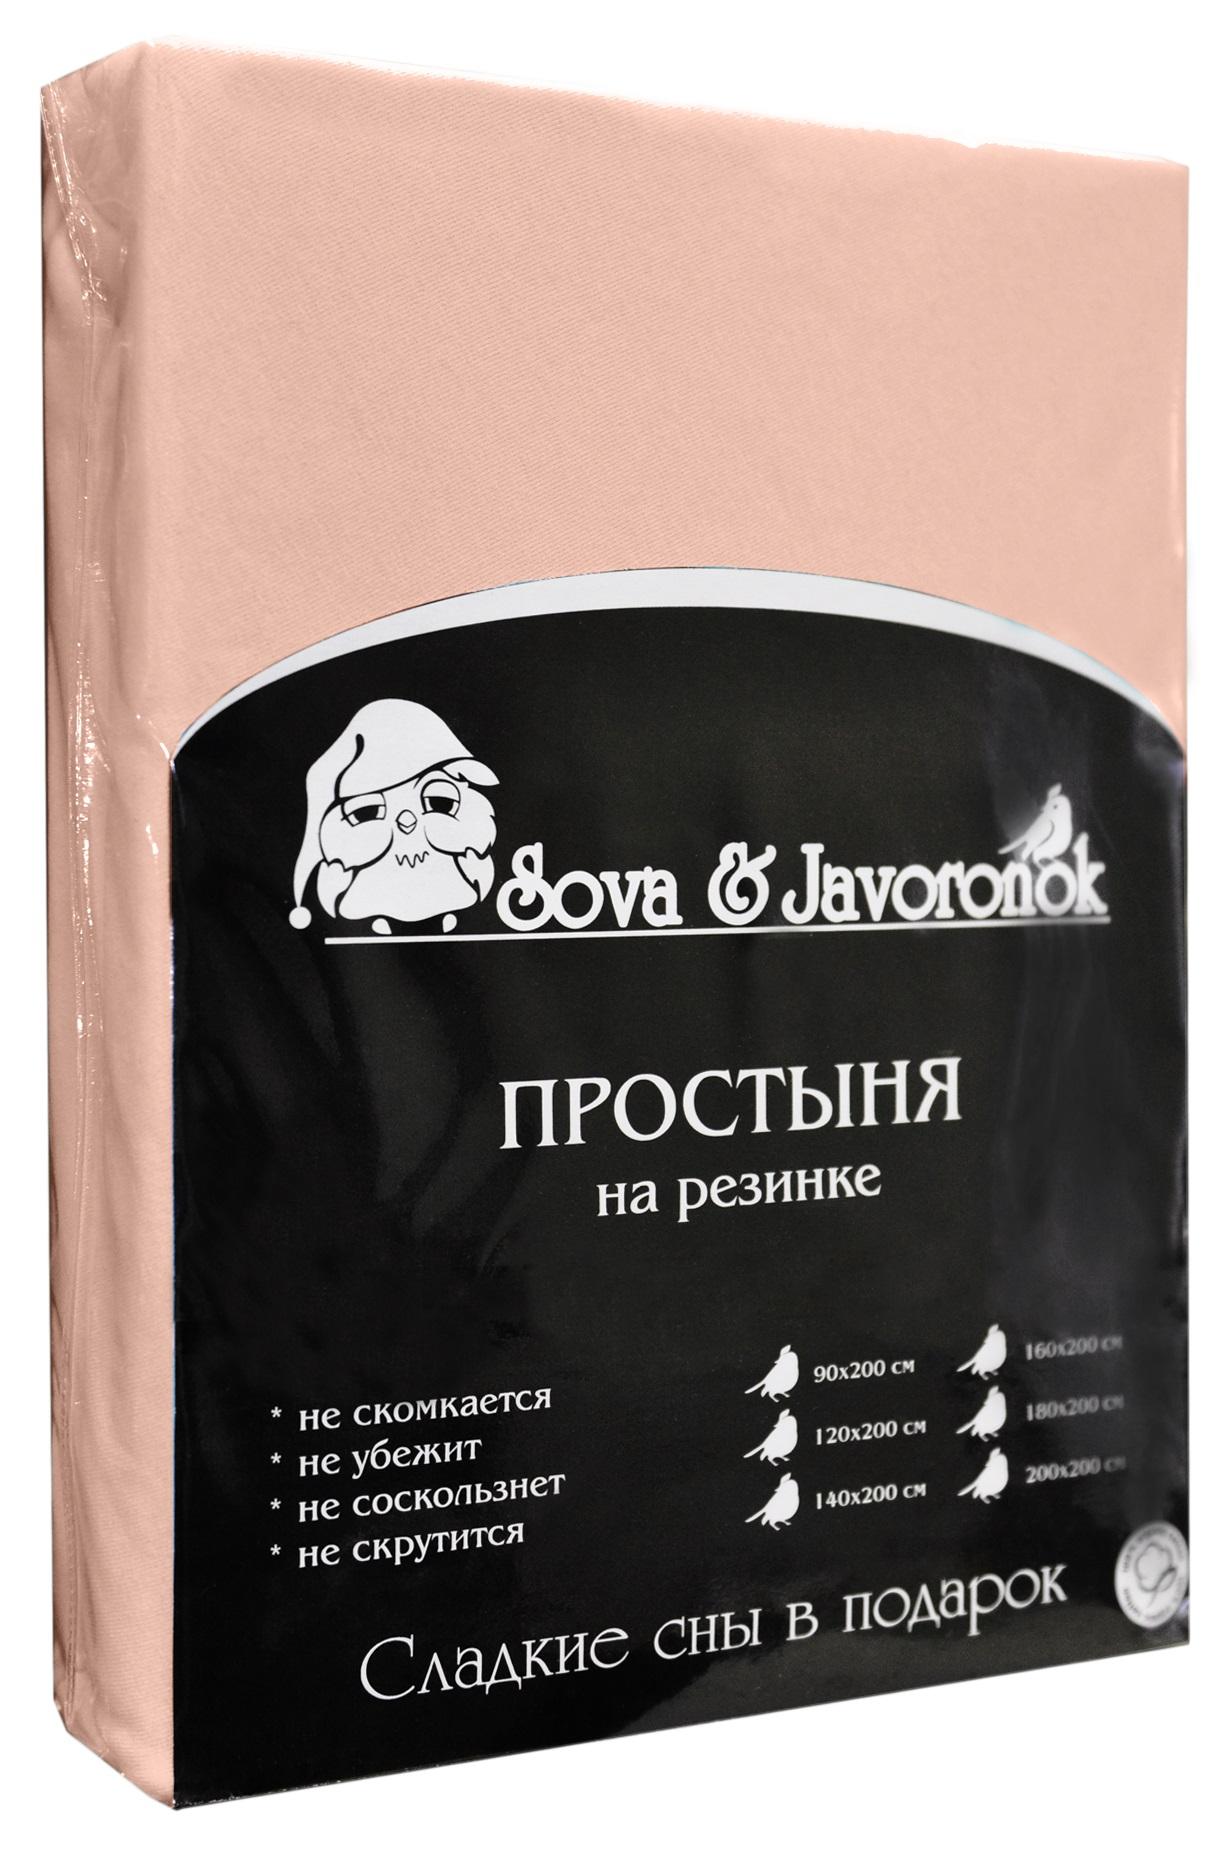 Простыня на резинке Sova & Javoronok, цвет: персиковый, 90 см х 200 см0803113692Простыня на резинке Sova & Javoronok, изготовленная из трикотажной ткани (100% хлопок), будет превосходно смотреться с любыми комплектами белья. Хлопчатобумажный трикотаж по праву считается одним из самых качественных, прочных и при этом приятных на ощупь. Его гигиеничность позволяет использовать простыню и в детских комнатах, к тому же 100%-ый хлопок в составе ткани не вызовет аллергии. У трикотажного полотна очень интересная структура, немного рыхлая за счет отсутствия плотного переплетения нитей и наличия особых петель, благодаря этому простыня Сова и Жаворонок отлично пропускает воздух и способствует его постоянной циркуляции. Поэтому ваша постель будет всегда оставаться свежей. Но главное и, пожалуй, самое известное свойство трикотажа - это его великолепная растяжимость, поэтому эта ткань и была выбрана для натяжной простыни на резинке. Простыня прошита резинкой по всему периметру, что обеспечивает более комфортный отдых, так как она прочно удерживается на матрасе и...